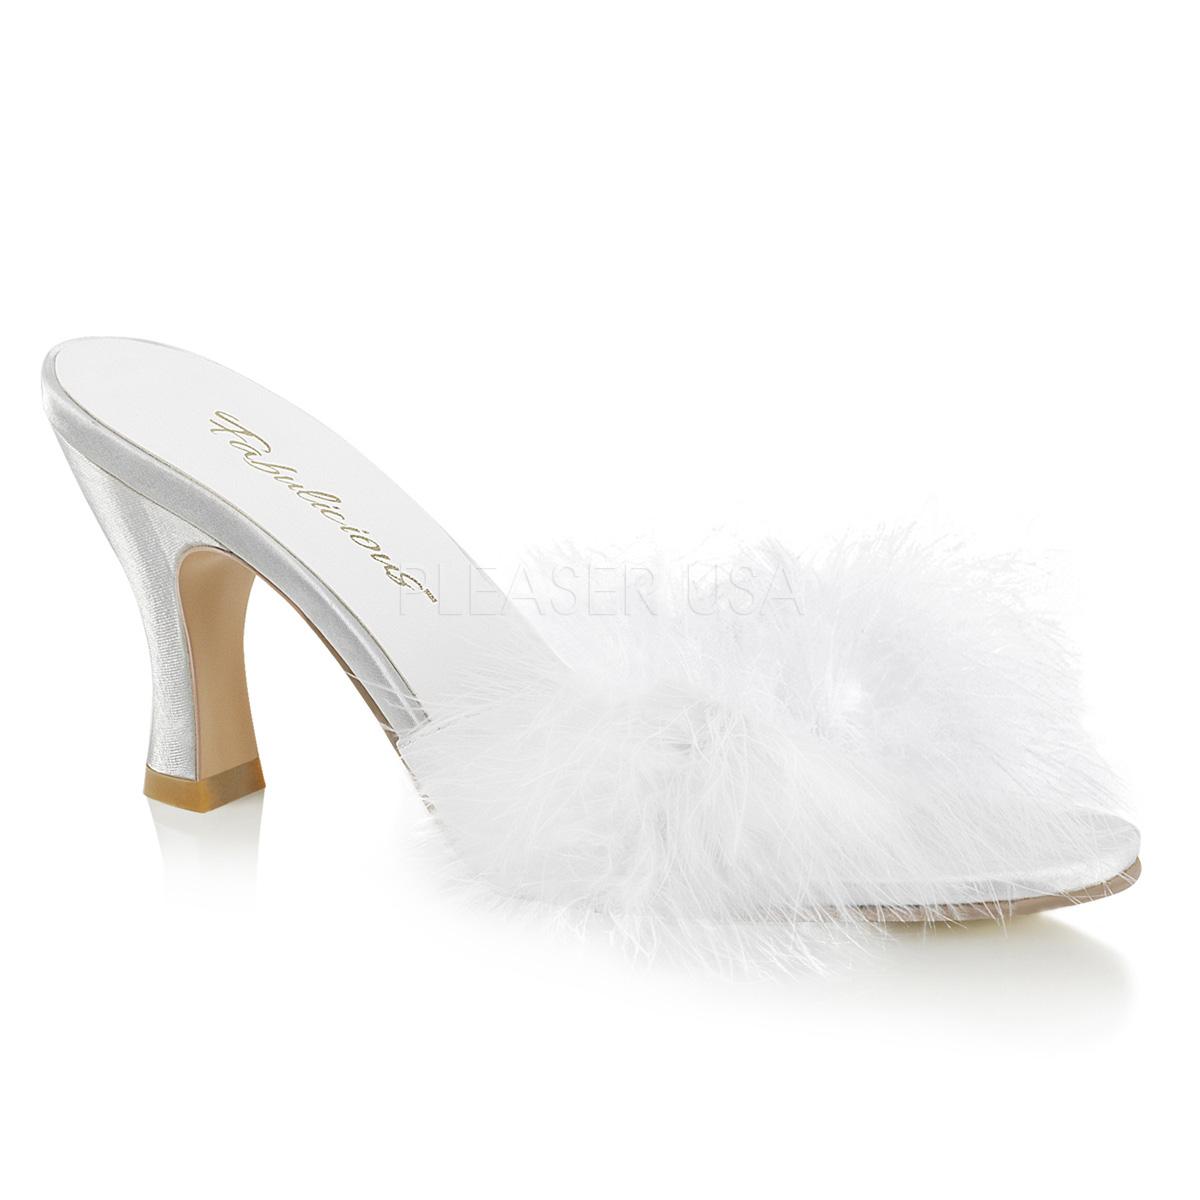 Mules pompon petit talon chaussures d intérieur 5c91bbf025ea